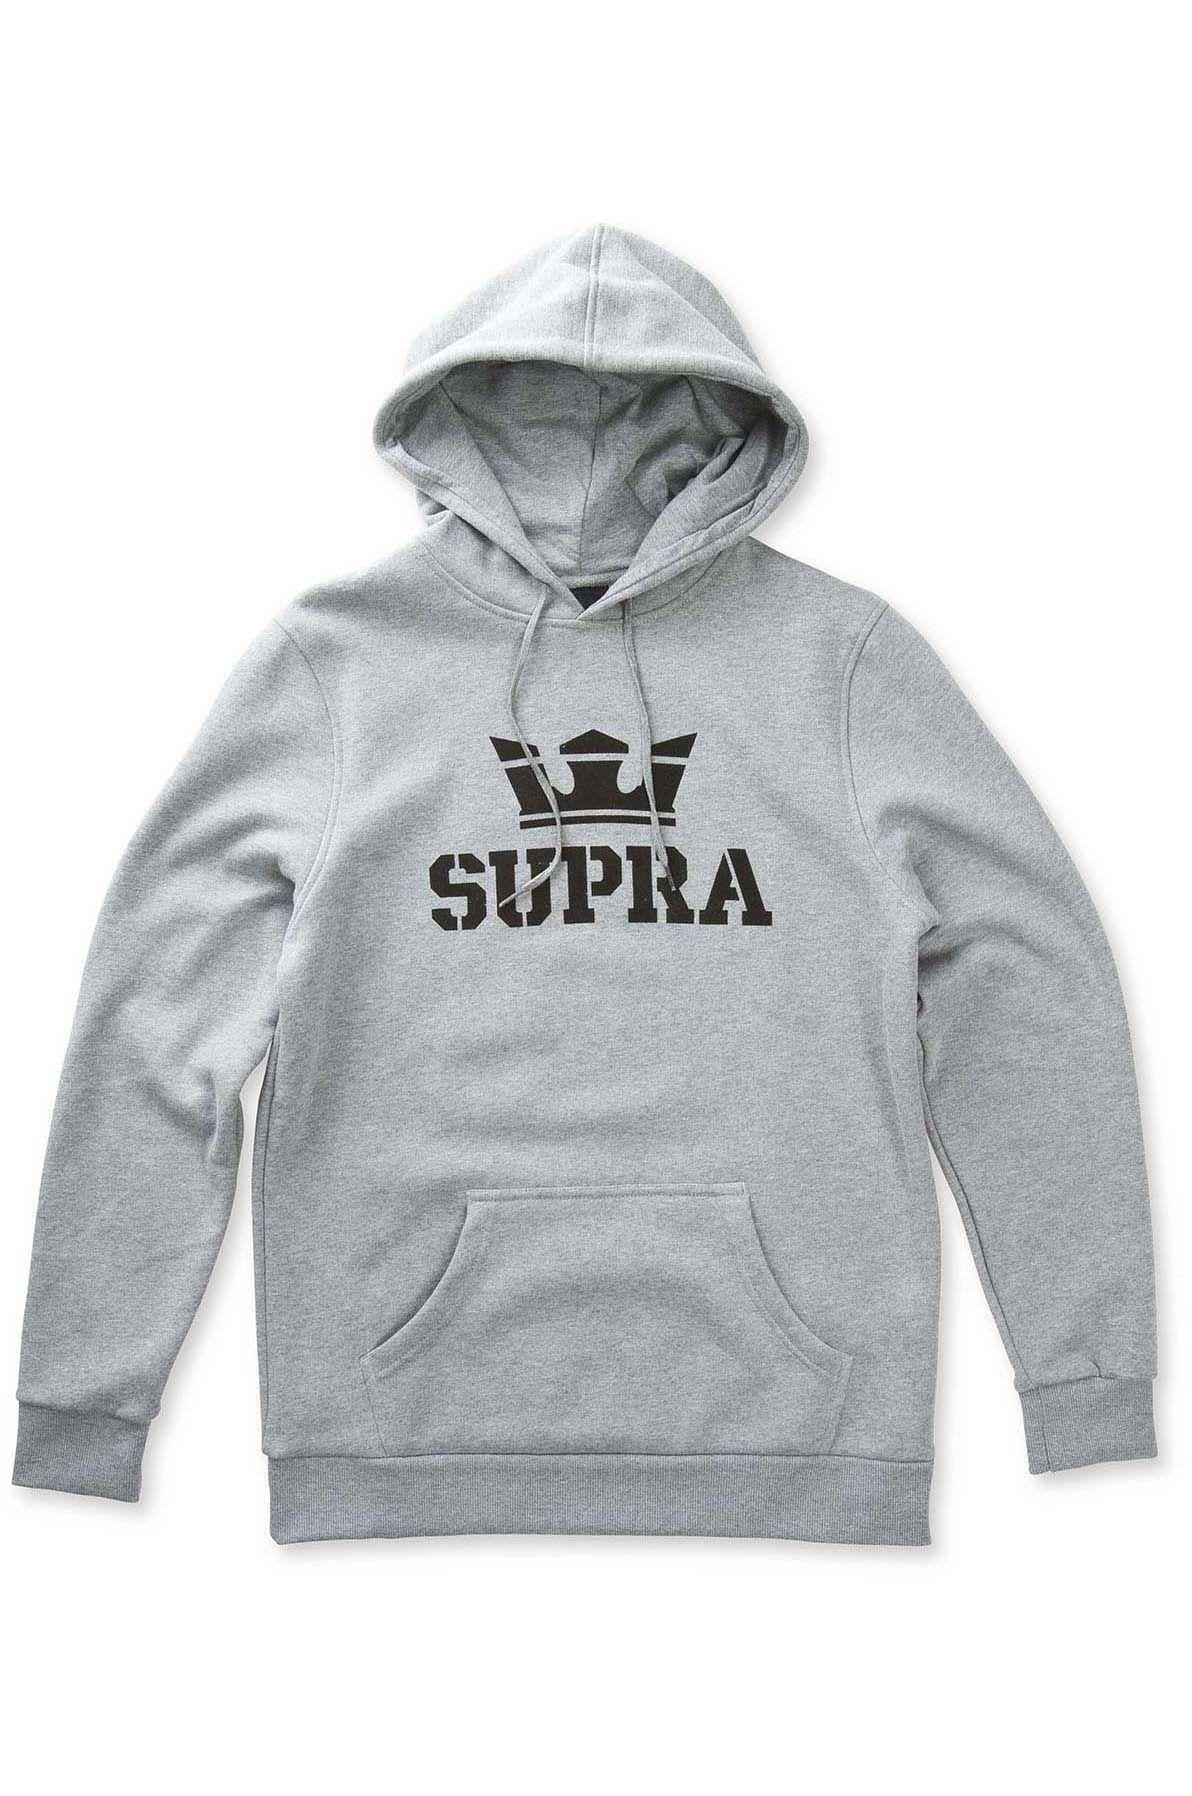 Sweat Capuz Supra ABOVE Grey Heather/Black/Black